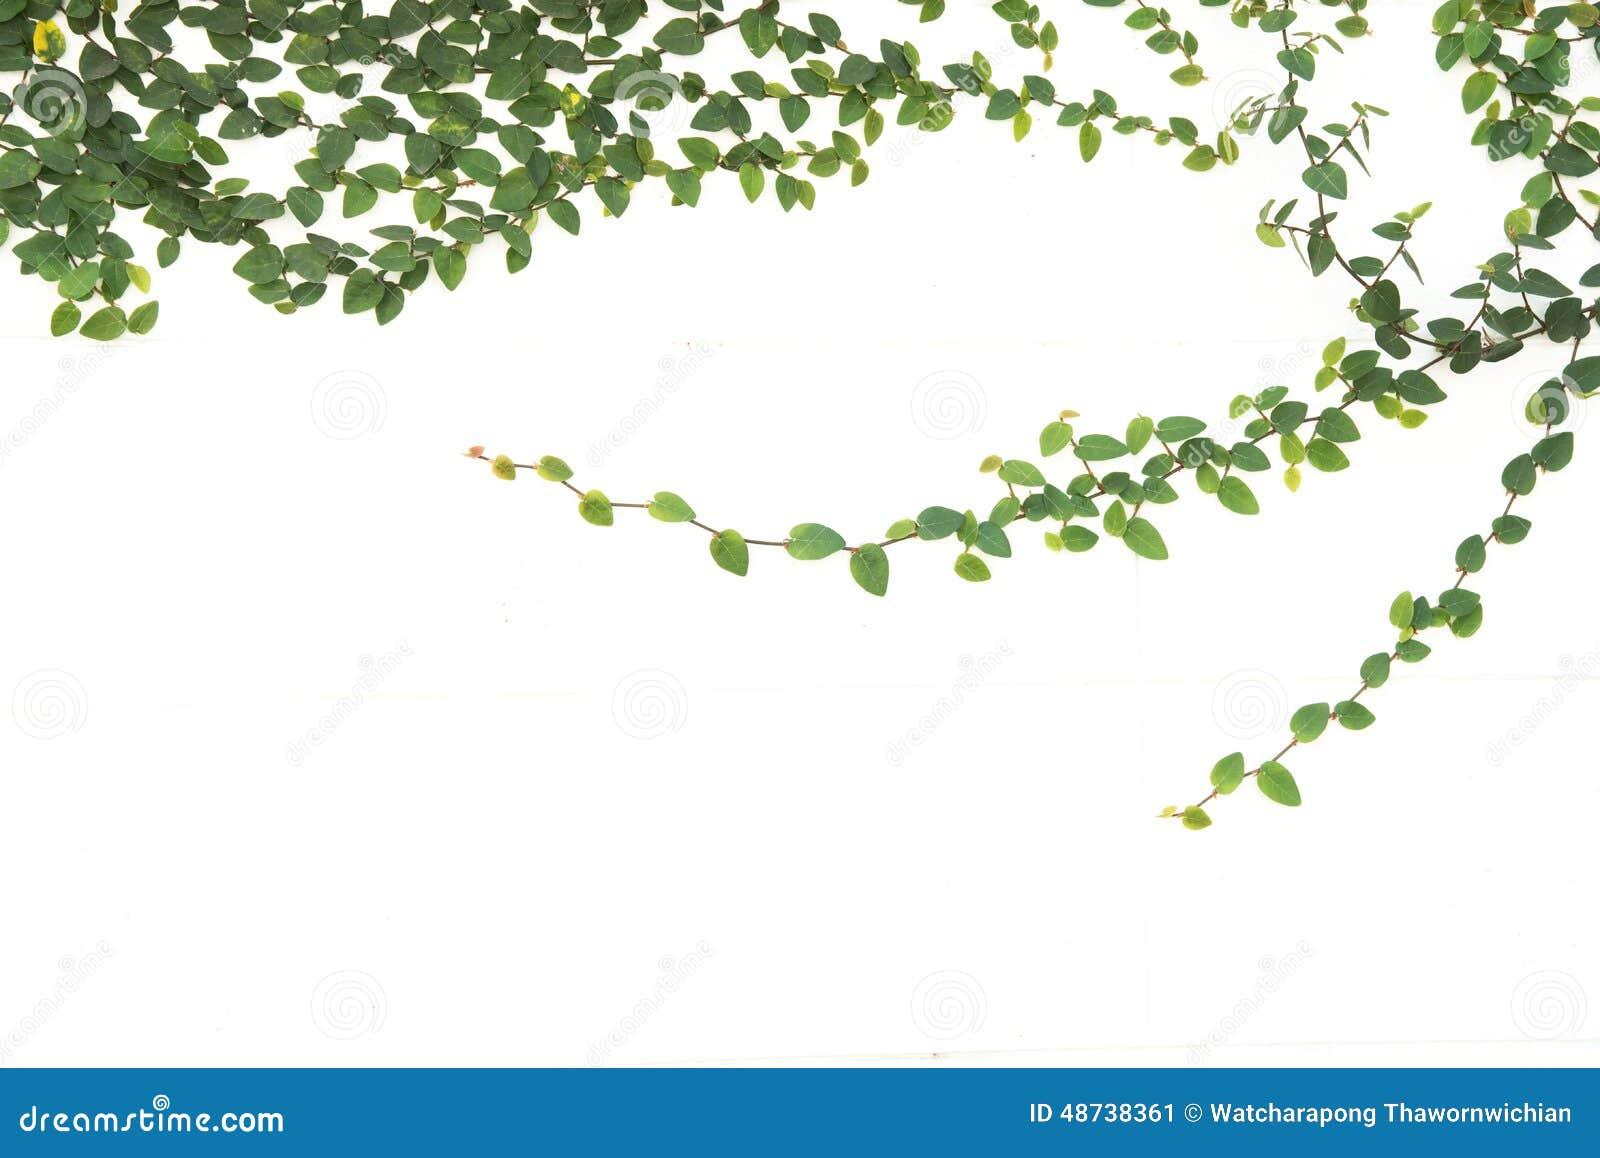 Fico rampicante dell 39 edera verde isolato fotografia stock for Edera rampicante